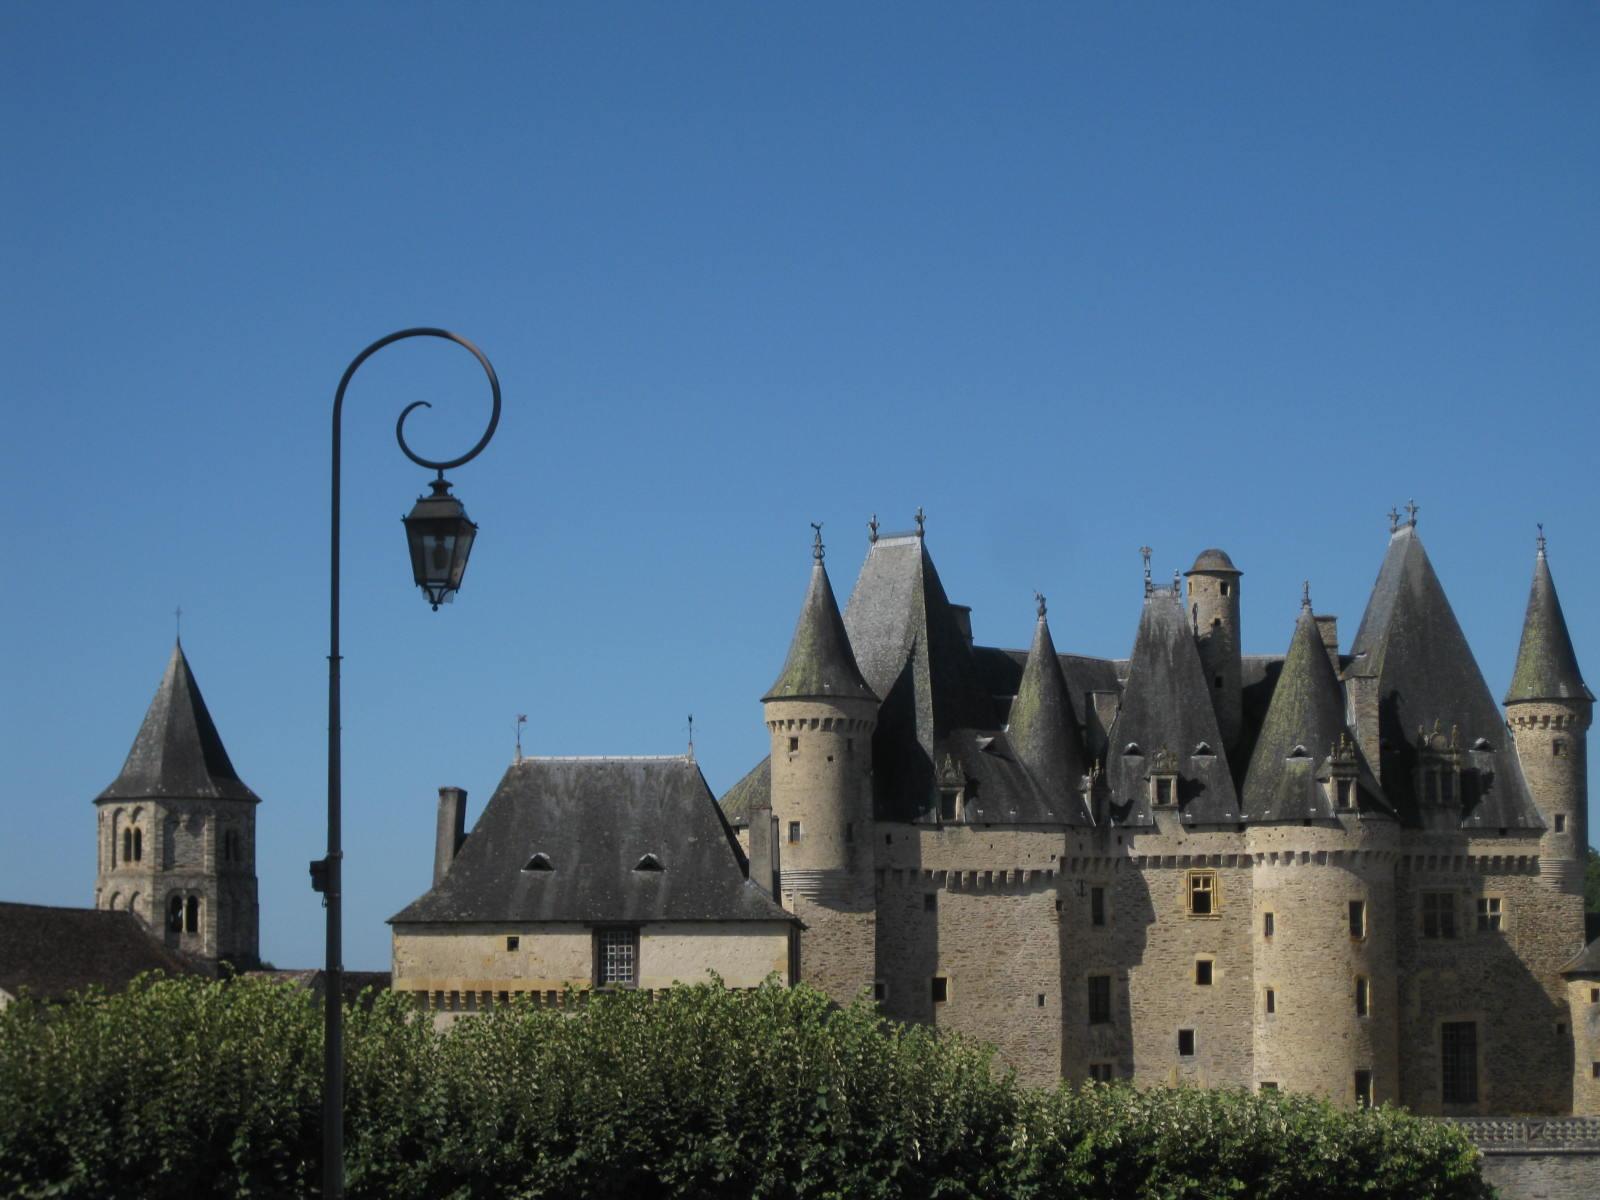 Jumilhac château et église